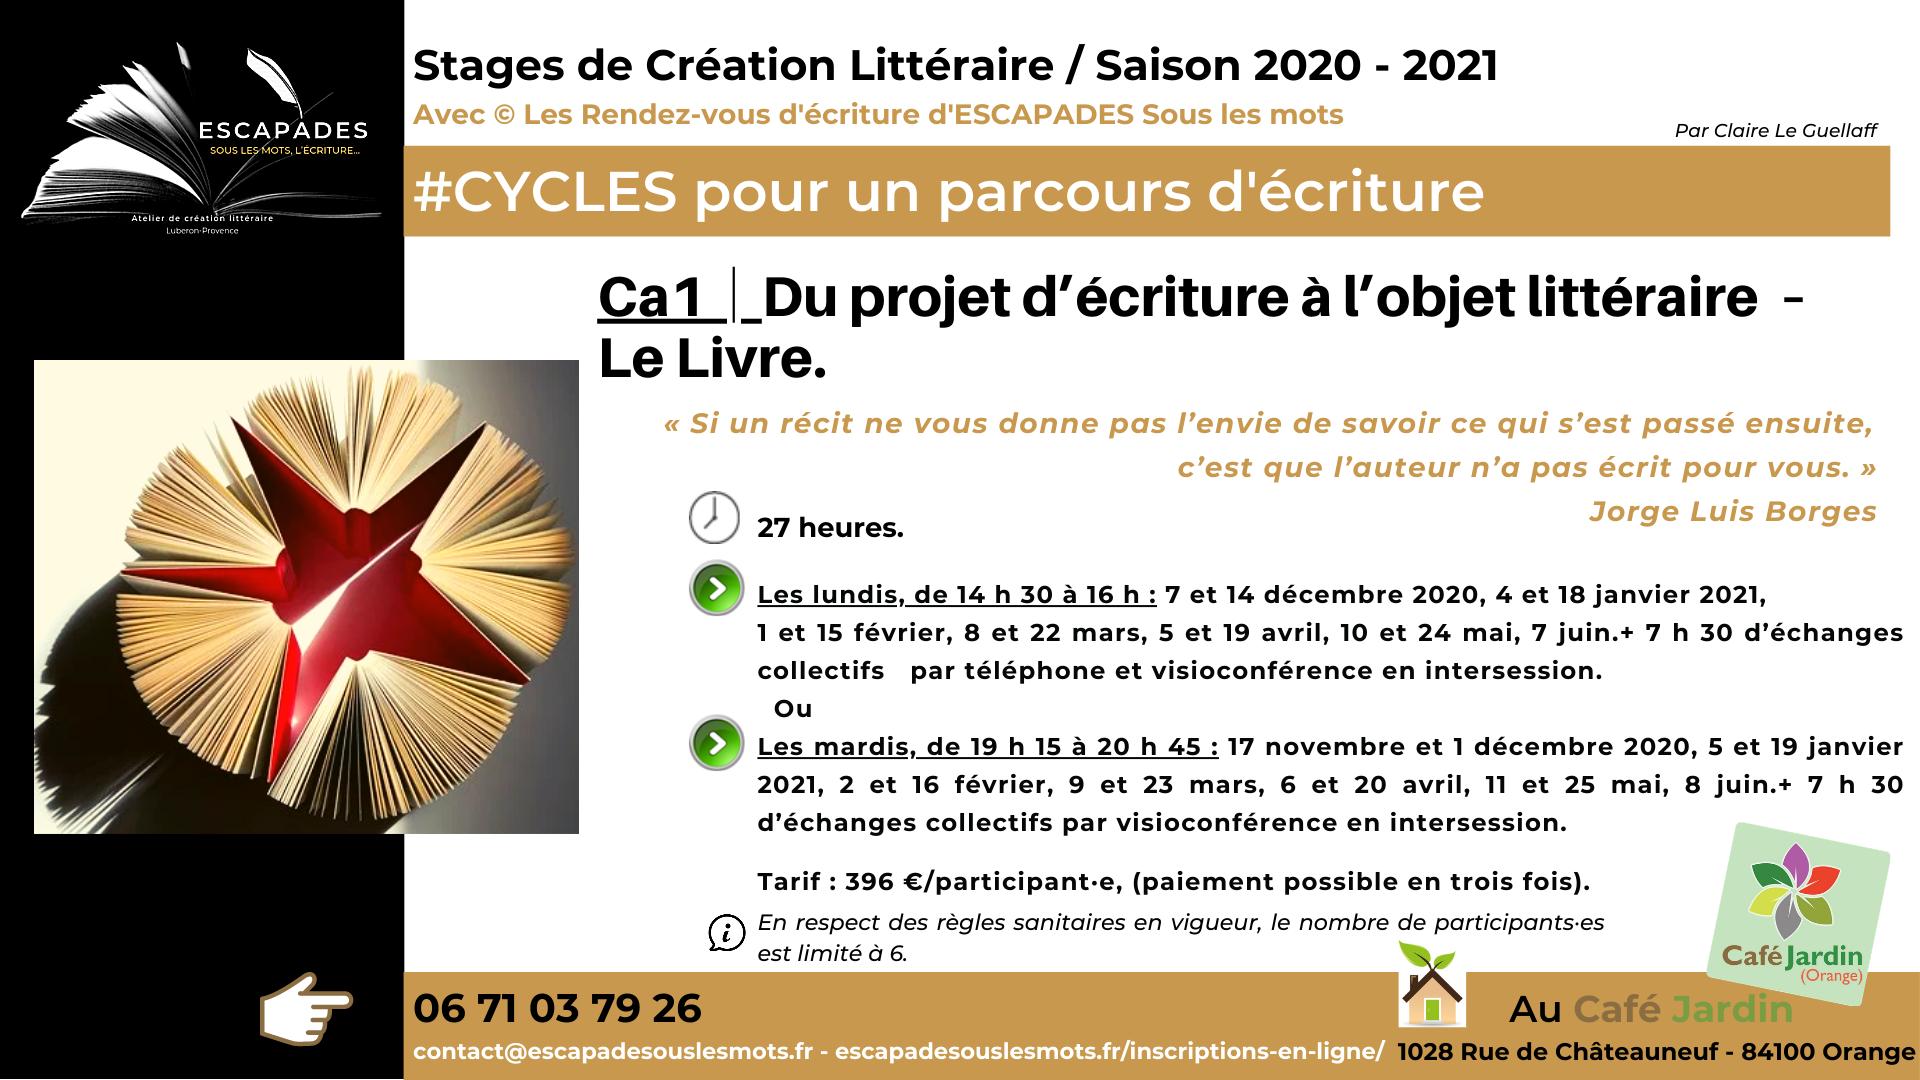 ESCAPADES Sous les mots - #Projet d'écriture à l'objet littéraire CA1/ Prog Saison 2020-2021Café jardin